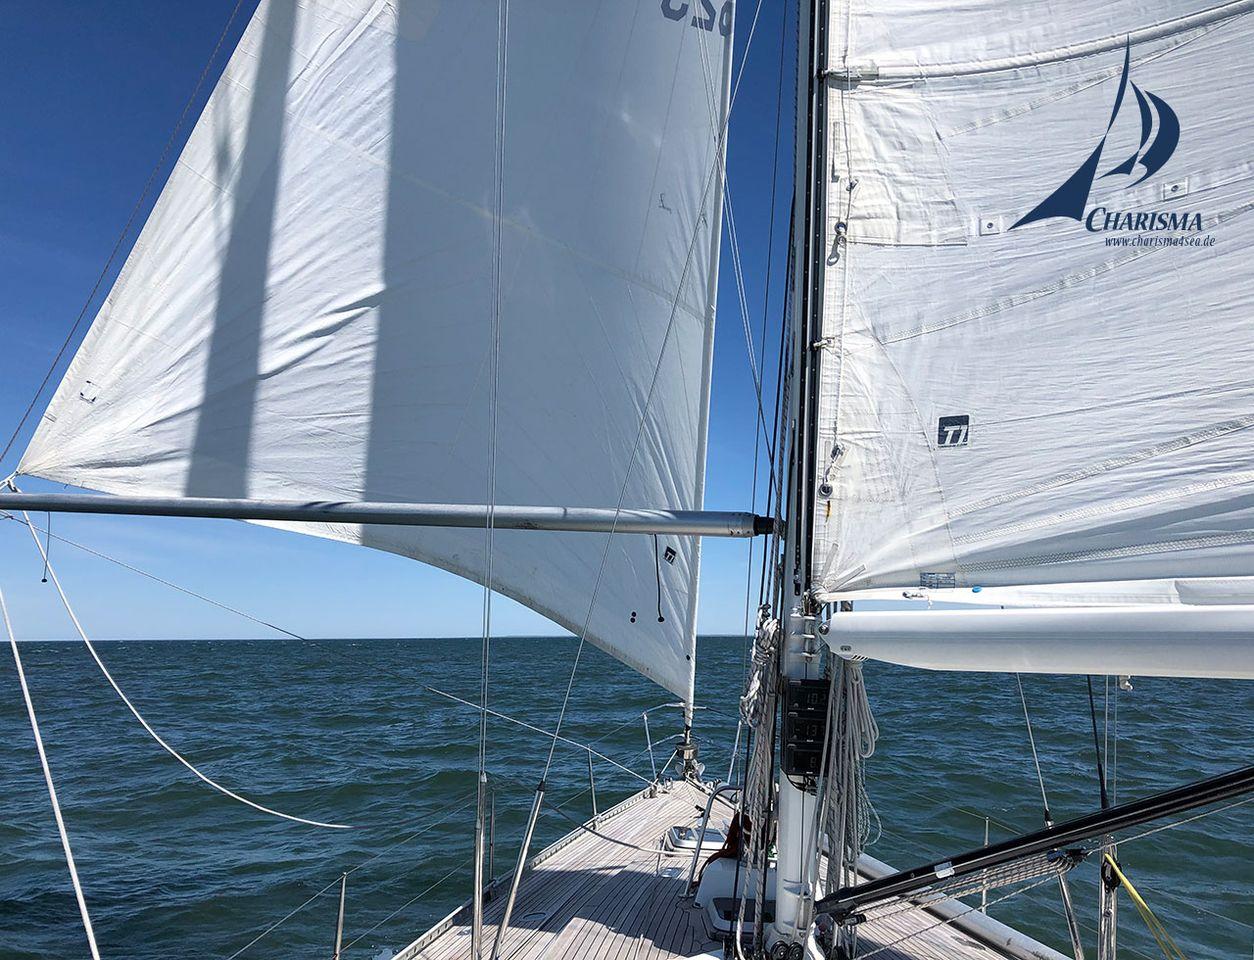 Segelstellung vor dem Wind